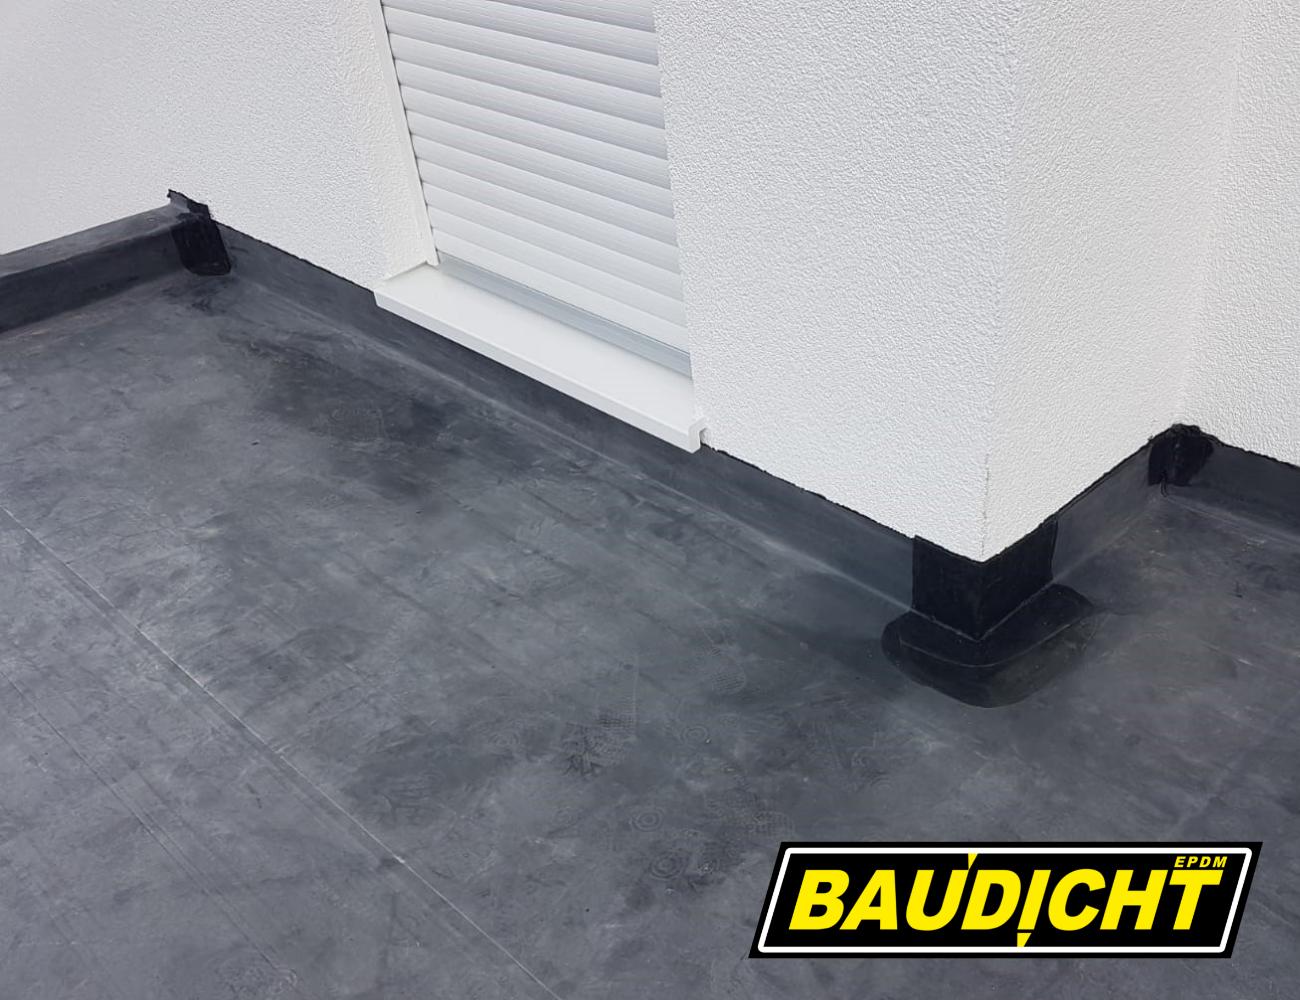 BAUDICHT EPDM Terrassenabdichtung von Außen- und Innenecken